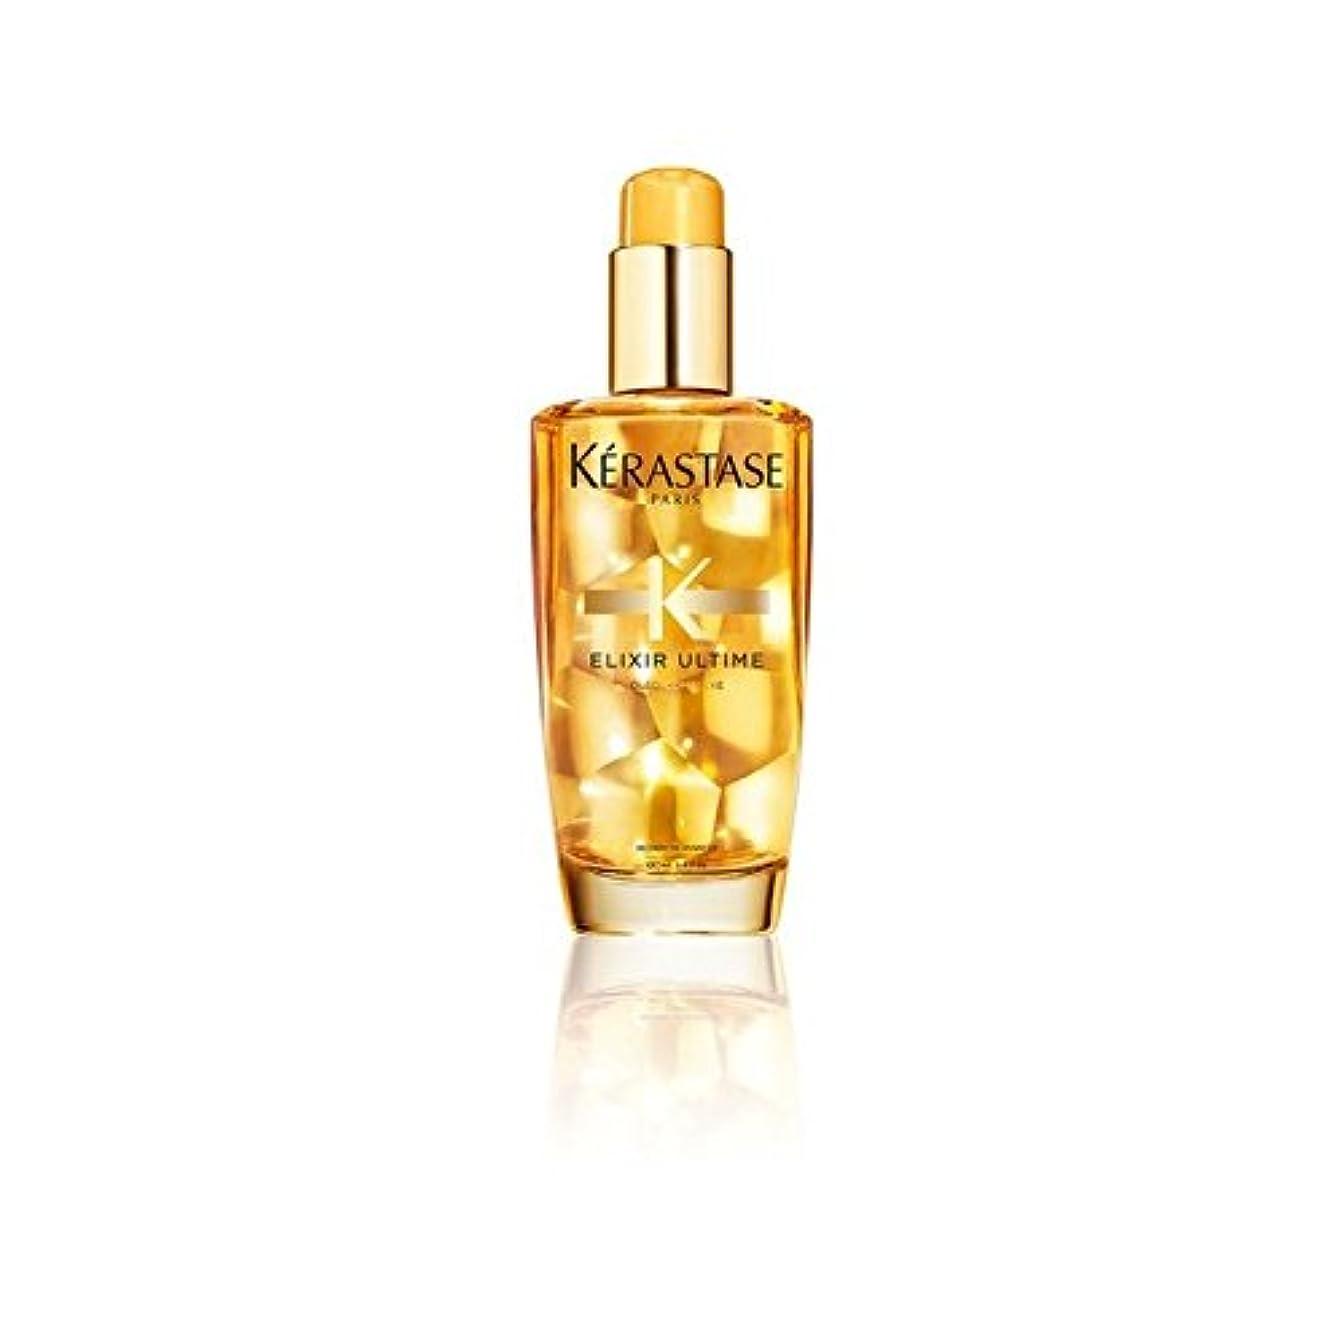 ヒロイック人形ワックスケラスターゼエリクサーのヘアオイル(100ミリリットル) x2 - K?rastase Elixir Ultime Hair Oil (100ml) (Pack of 2) [並行輸入品]